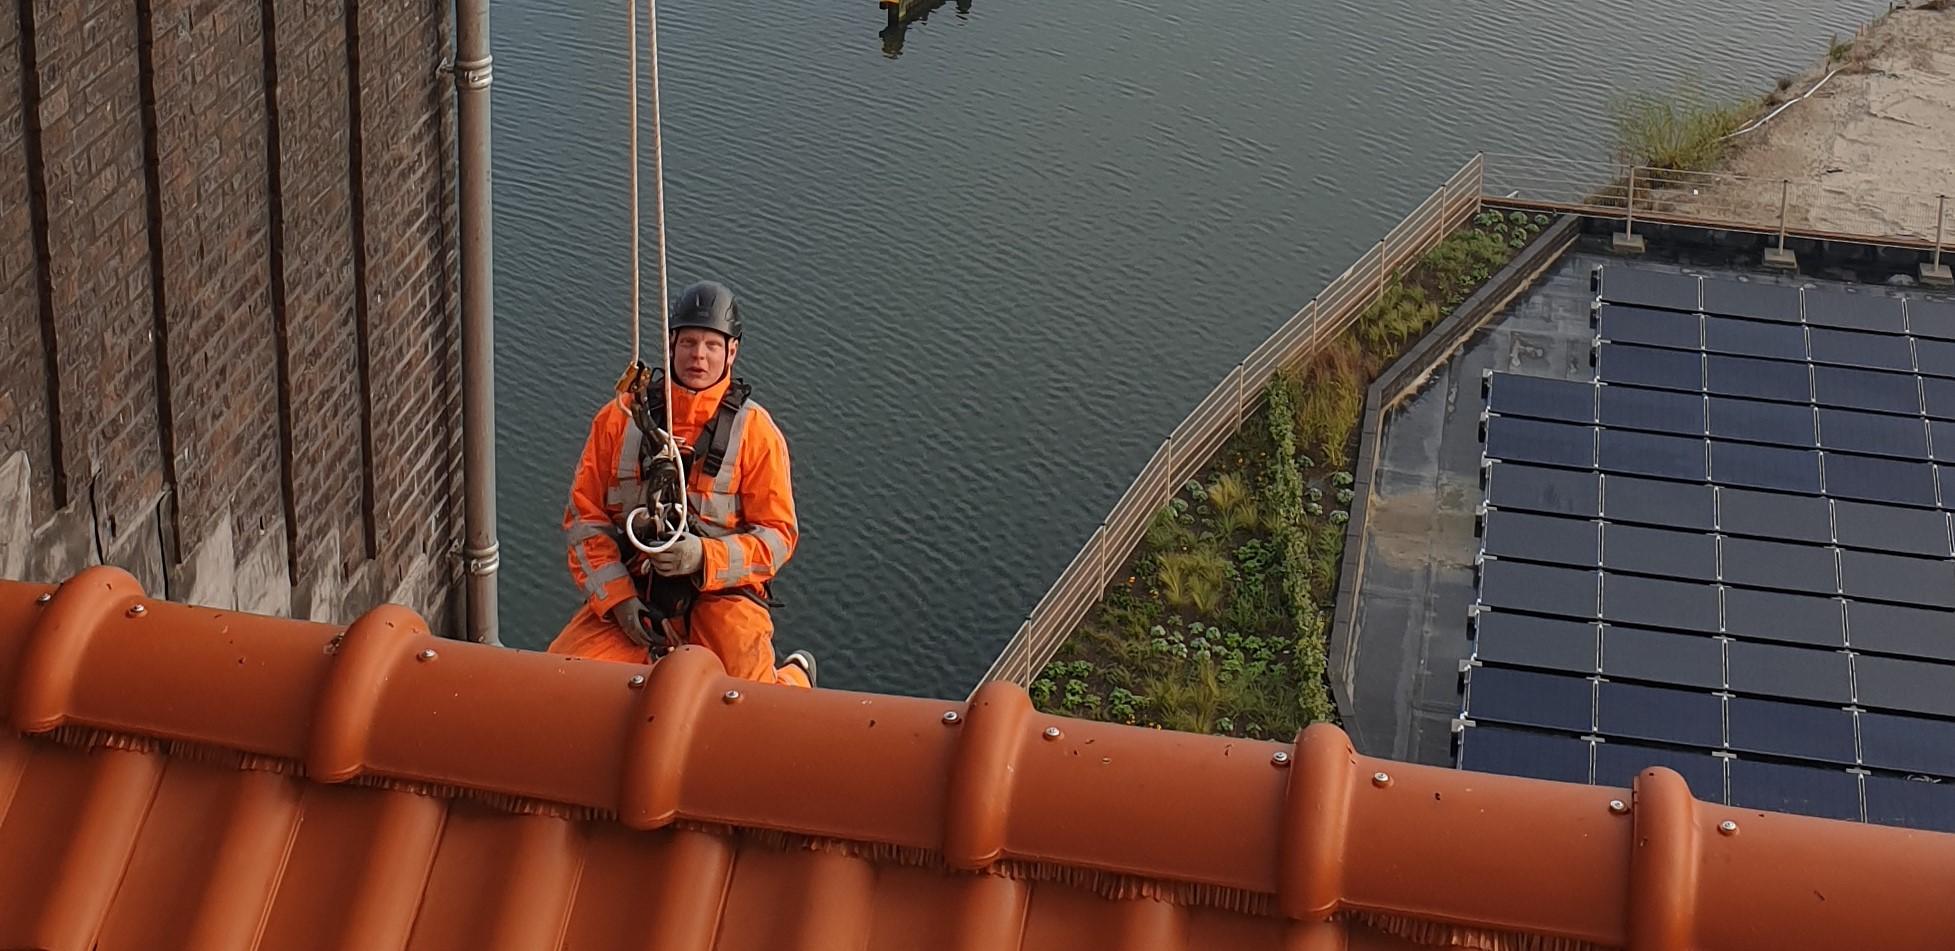 Spoedreparatie dakgoten Rope Access op hoogte - High Work Solutions